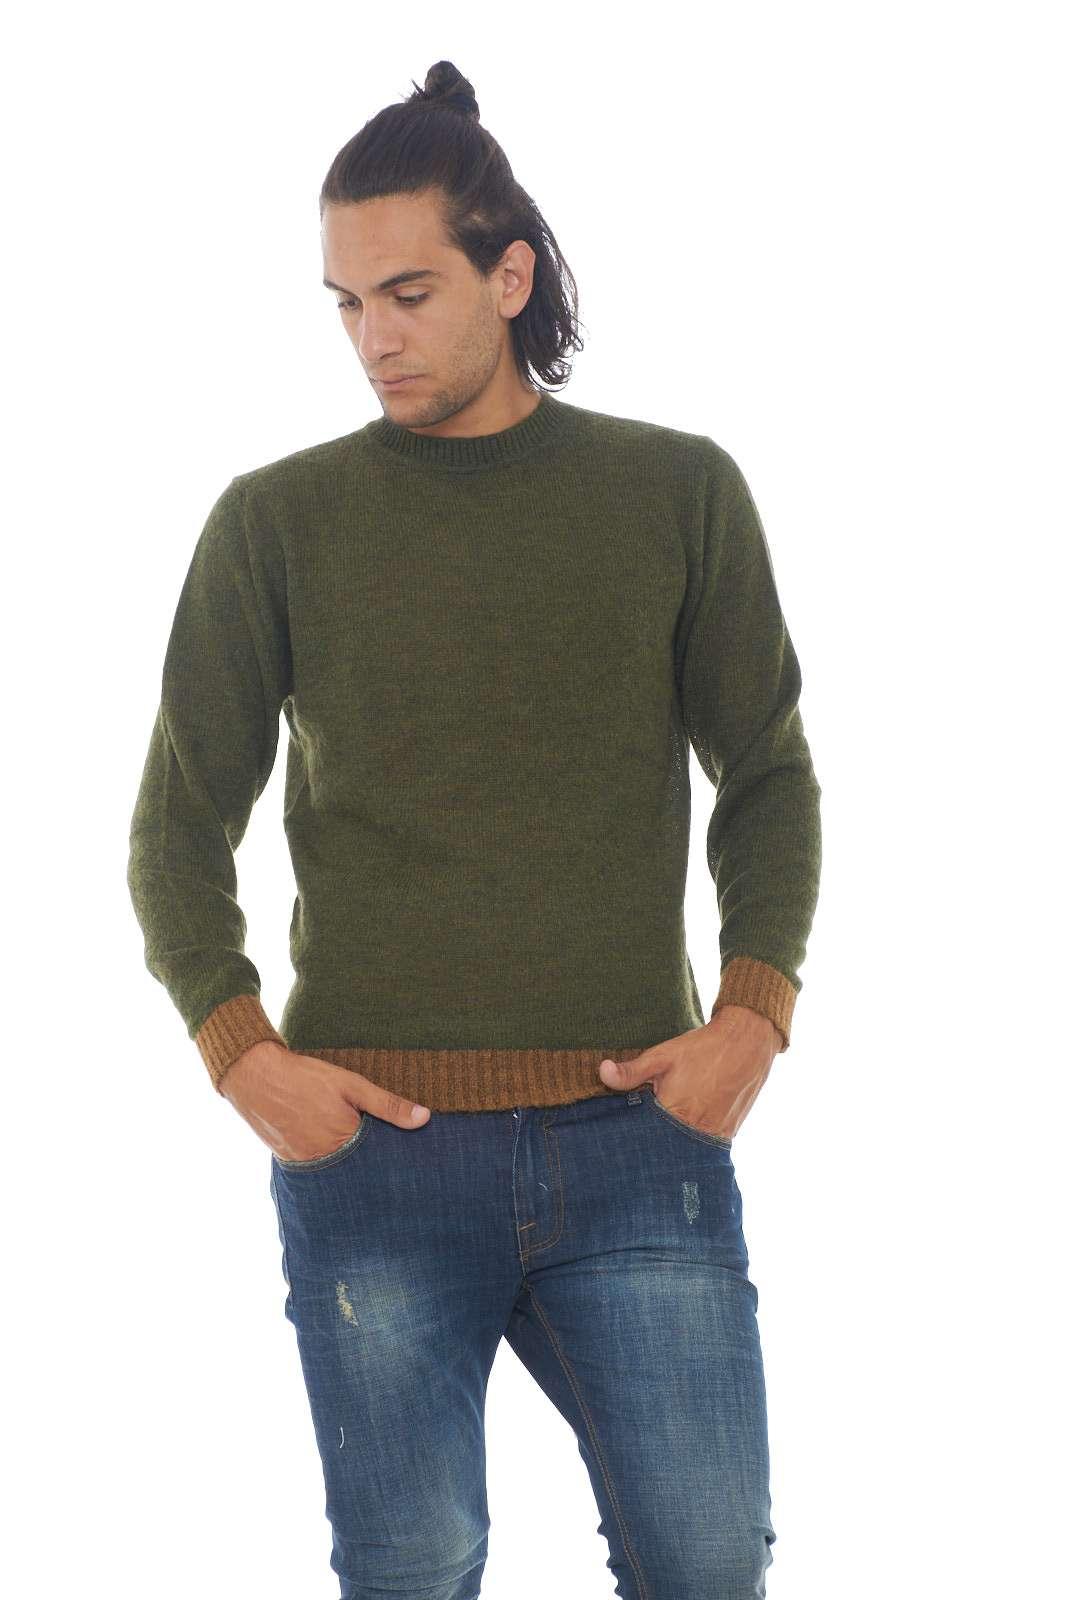 Un maglione caldo e semplice, perfetto per le occasioni meno impegnative, quello proposto da Manuel Ritz. Facile da abbinare a jeans, o p pantaloni, per outfit che non vogliono stupire, ma che risulteranno comunque curati. Il modello è alto 1.90m e indossa la taglia XL.